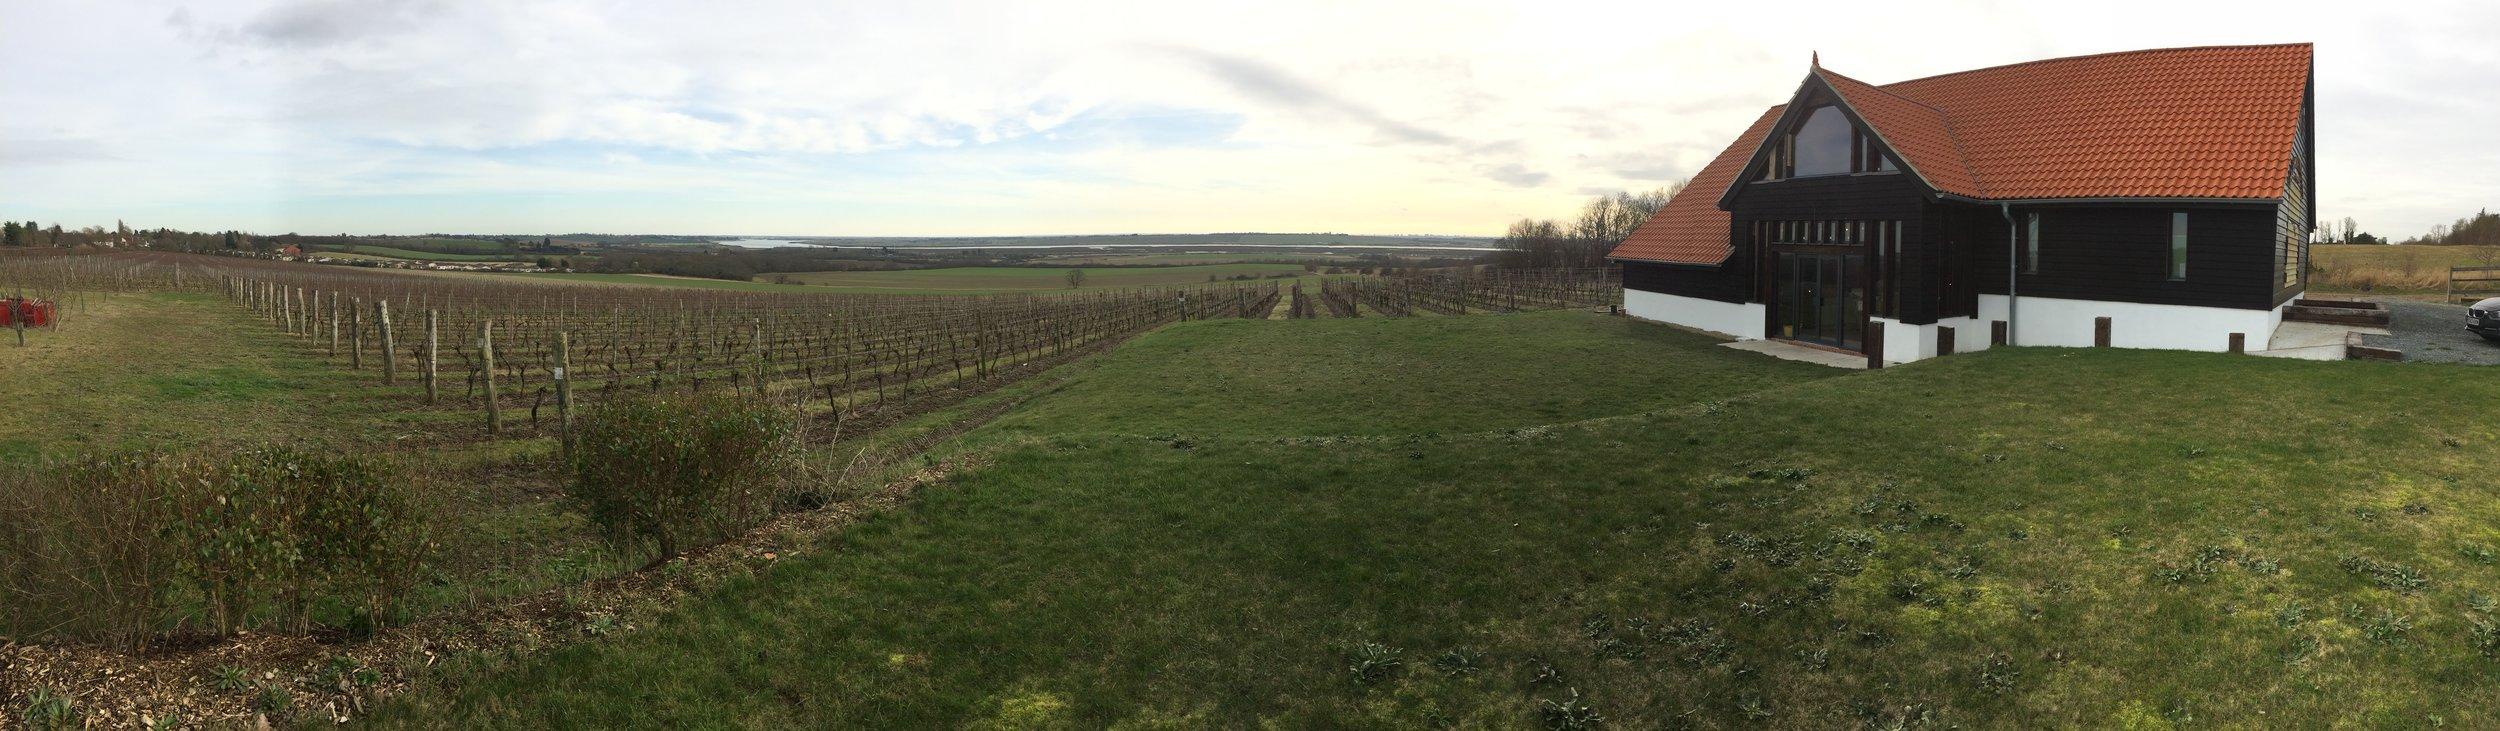 Clayhill Vineyard Essex